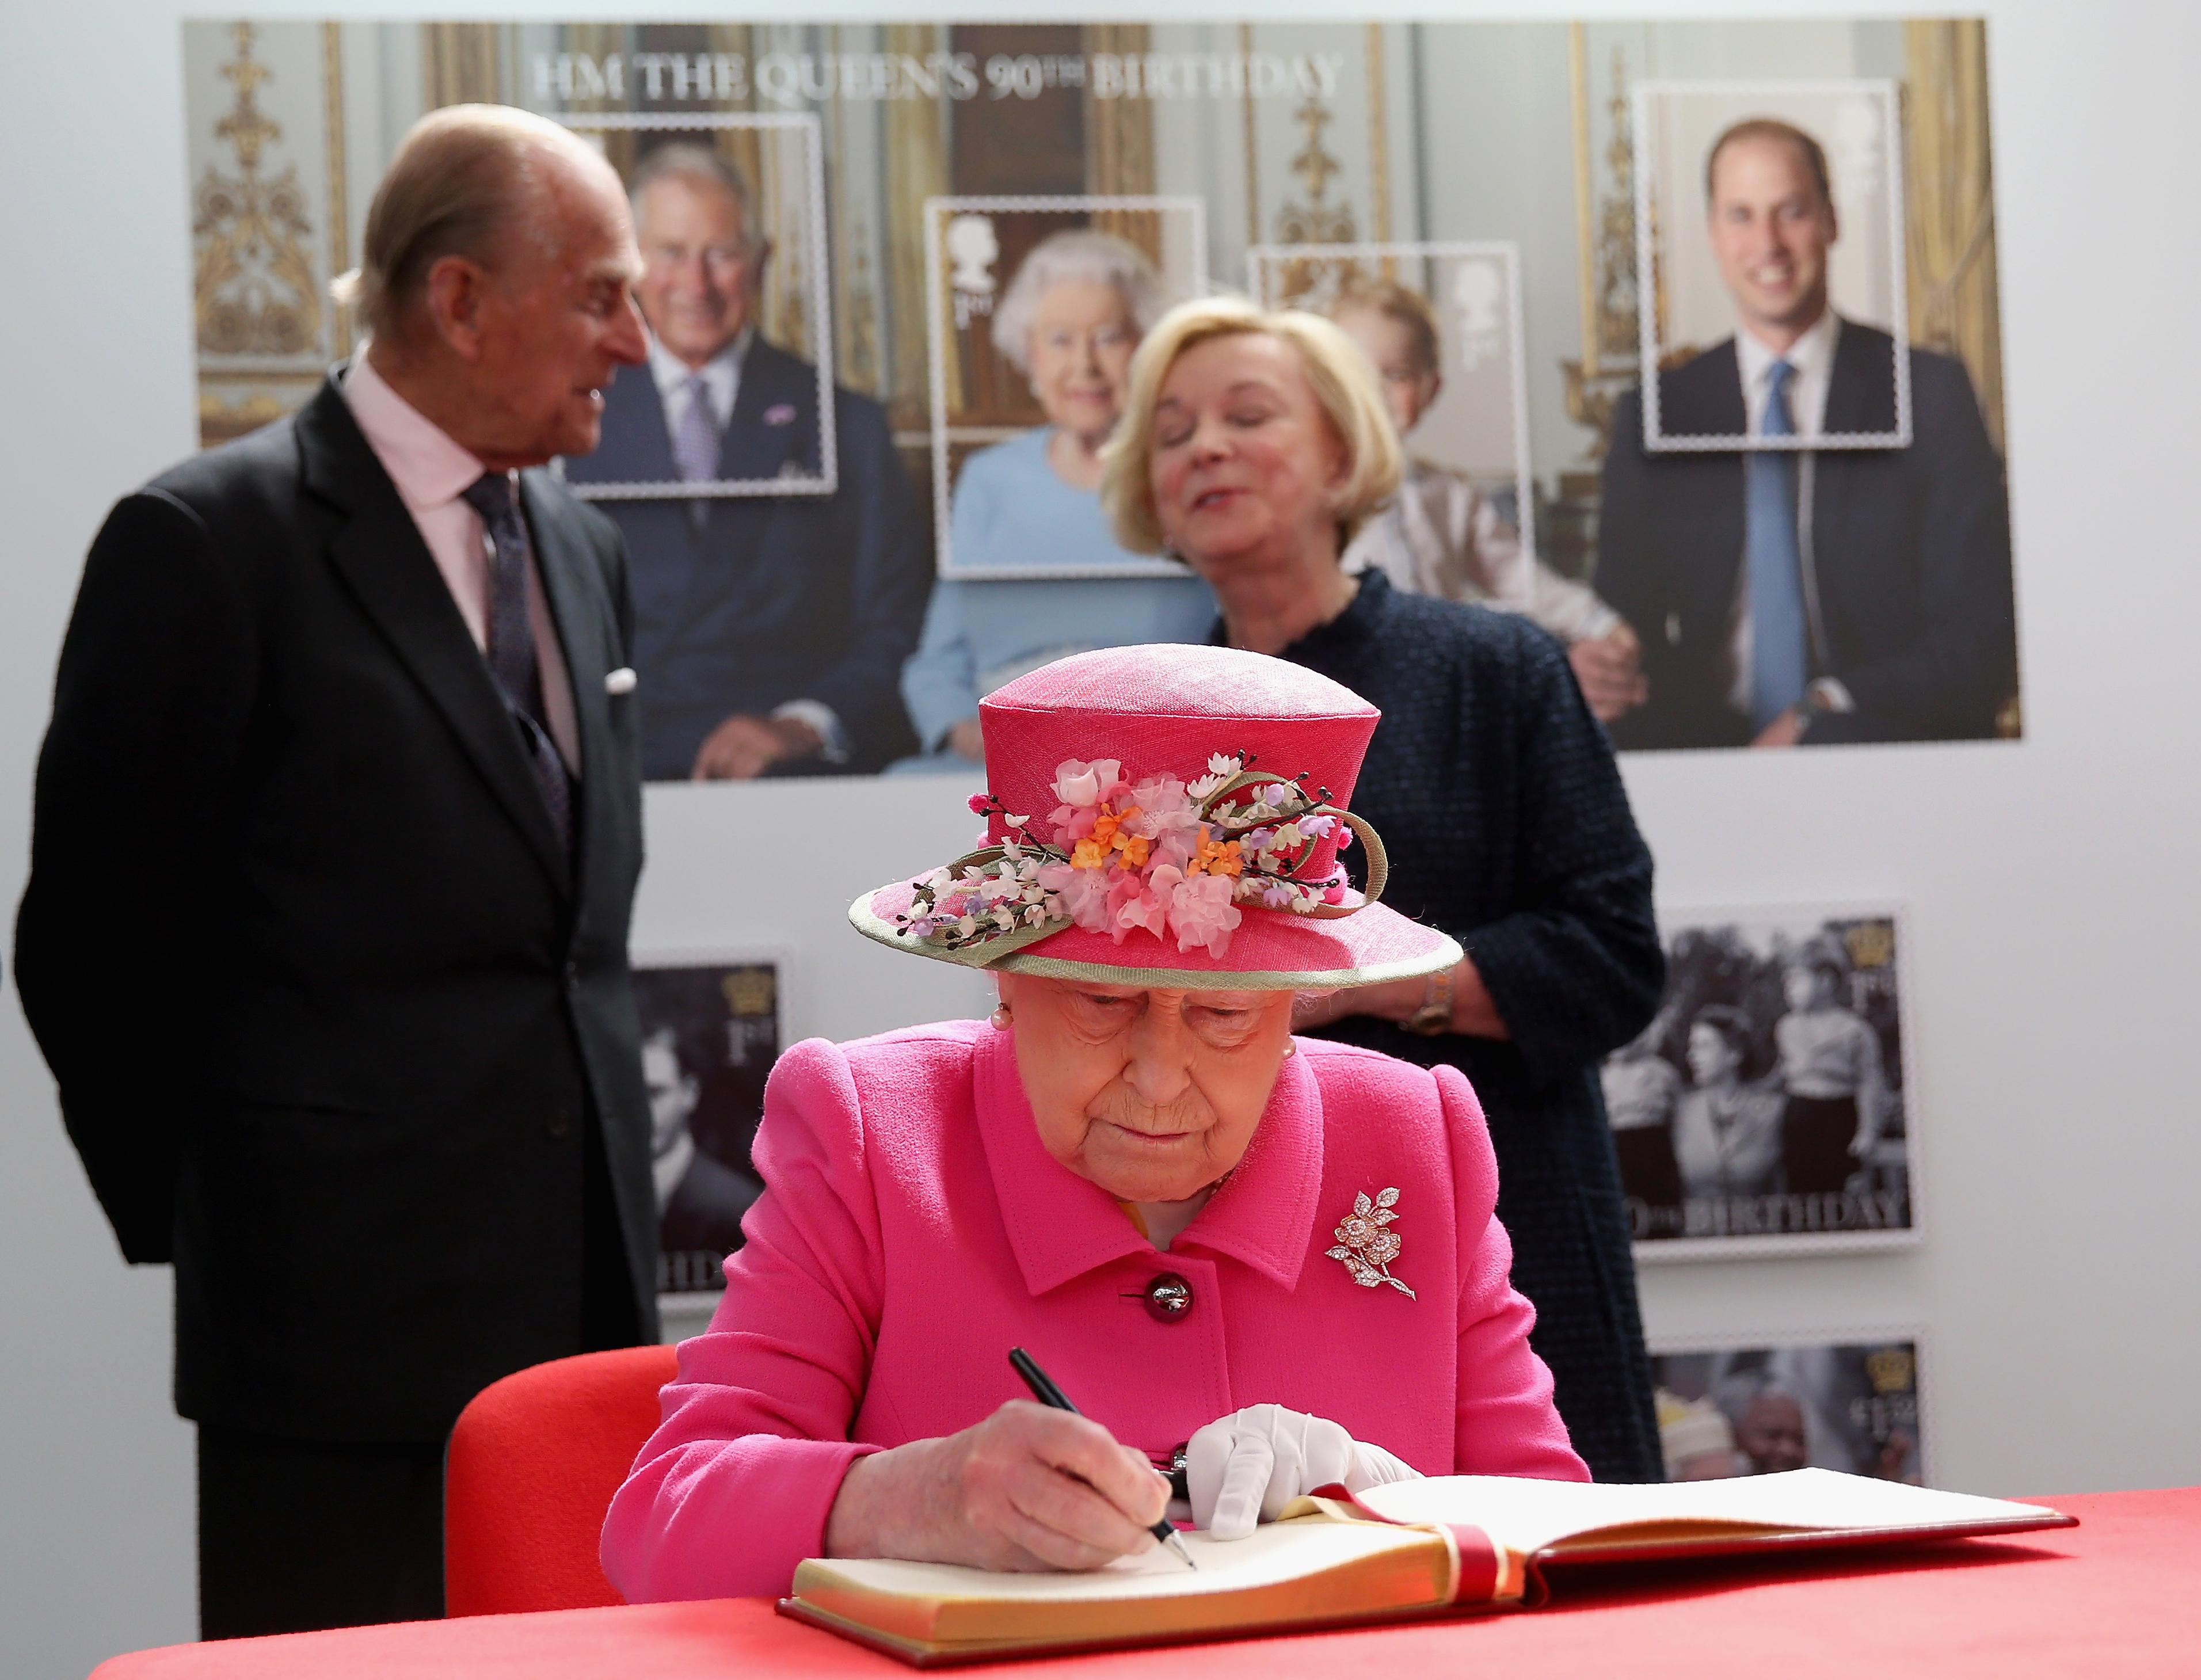 الملكة إليزابيث في مكتب البريد الملكي في غرب لندن